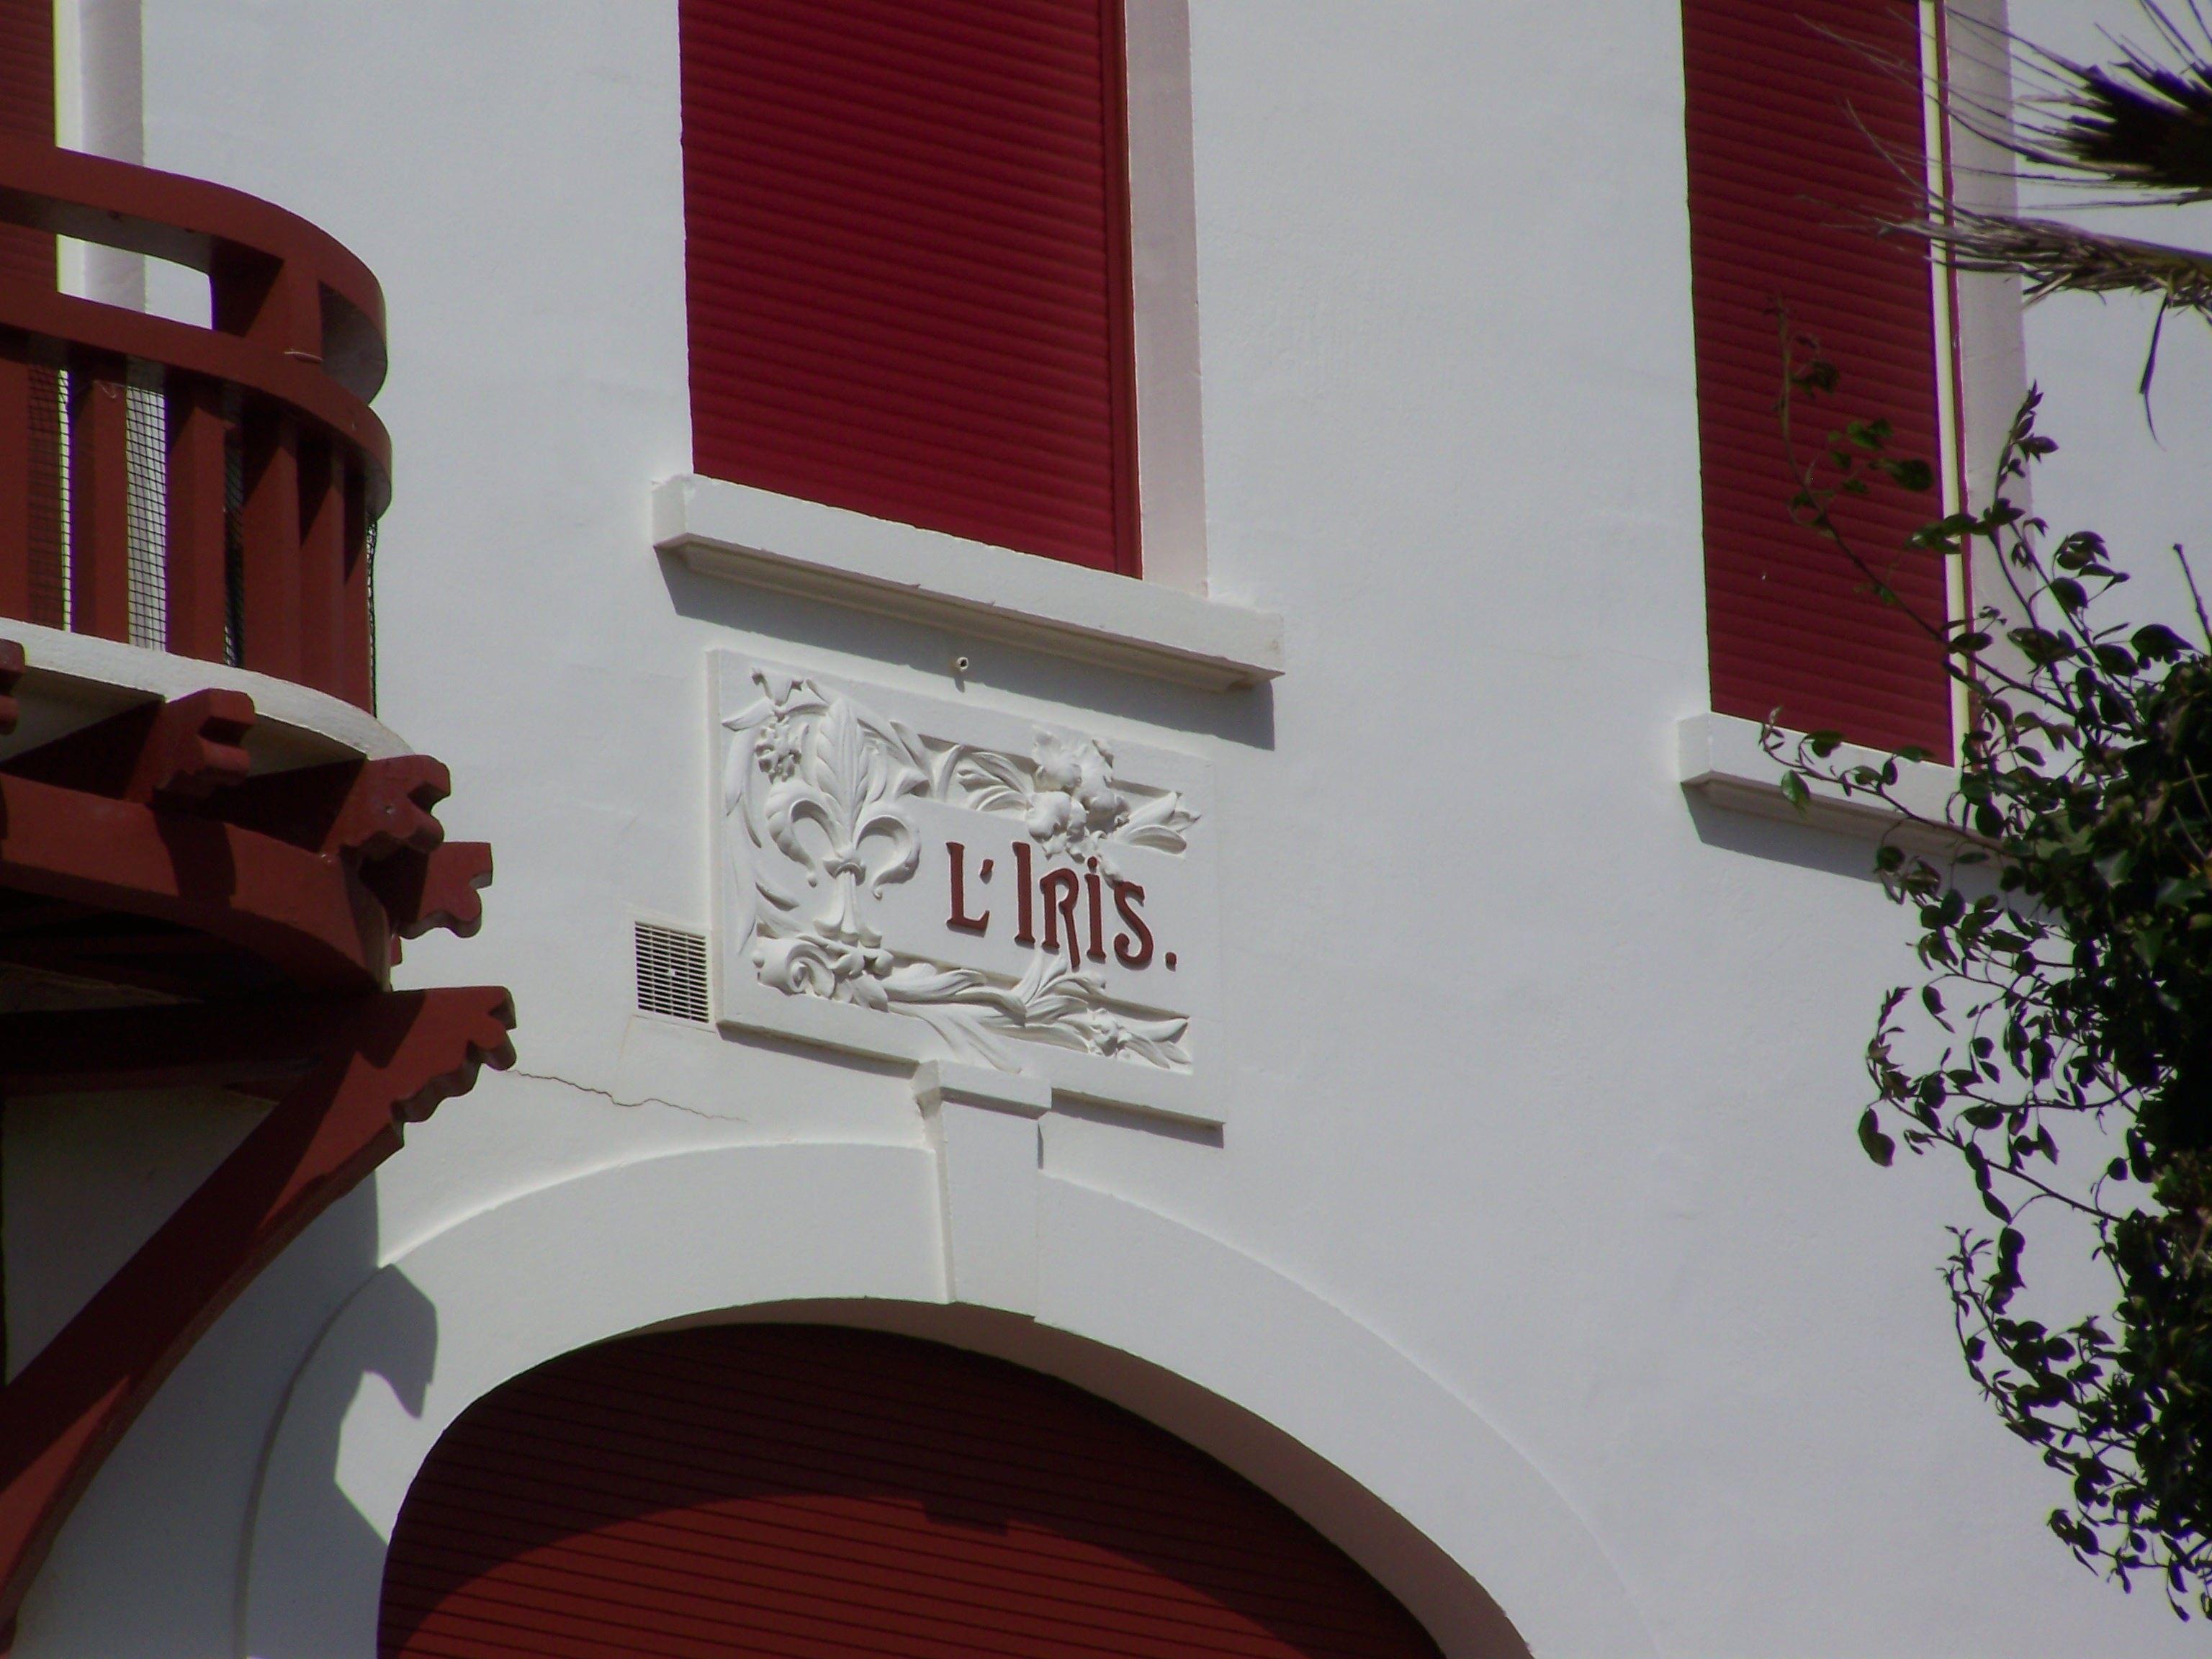 Saint-Jean-de-Luz visite commentée : Promenade Architecturale Quartier des Fleurs